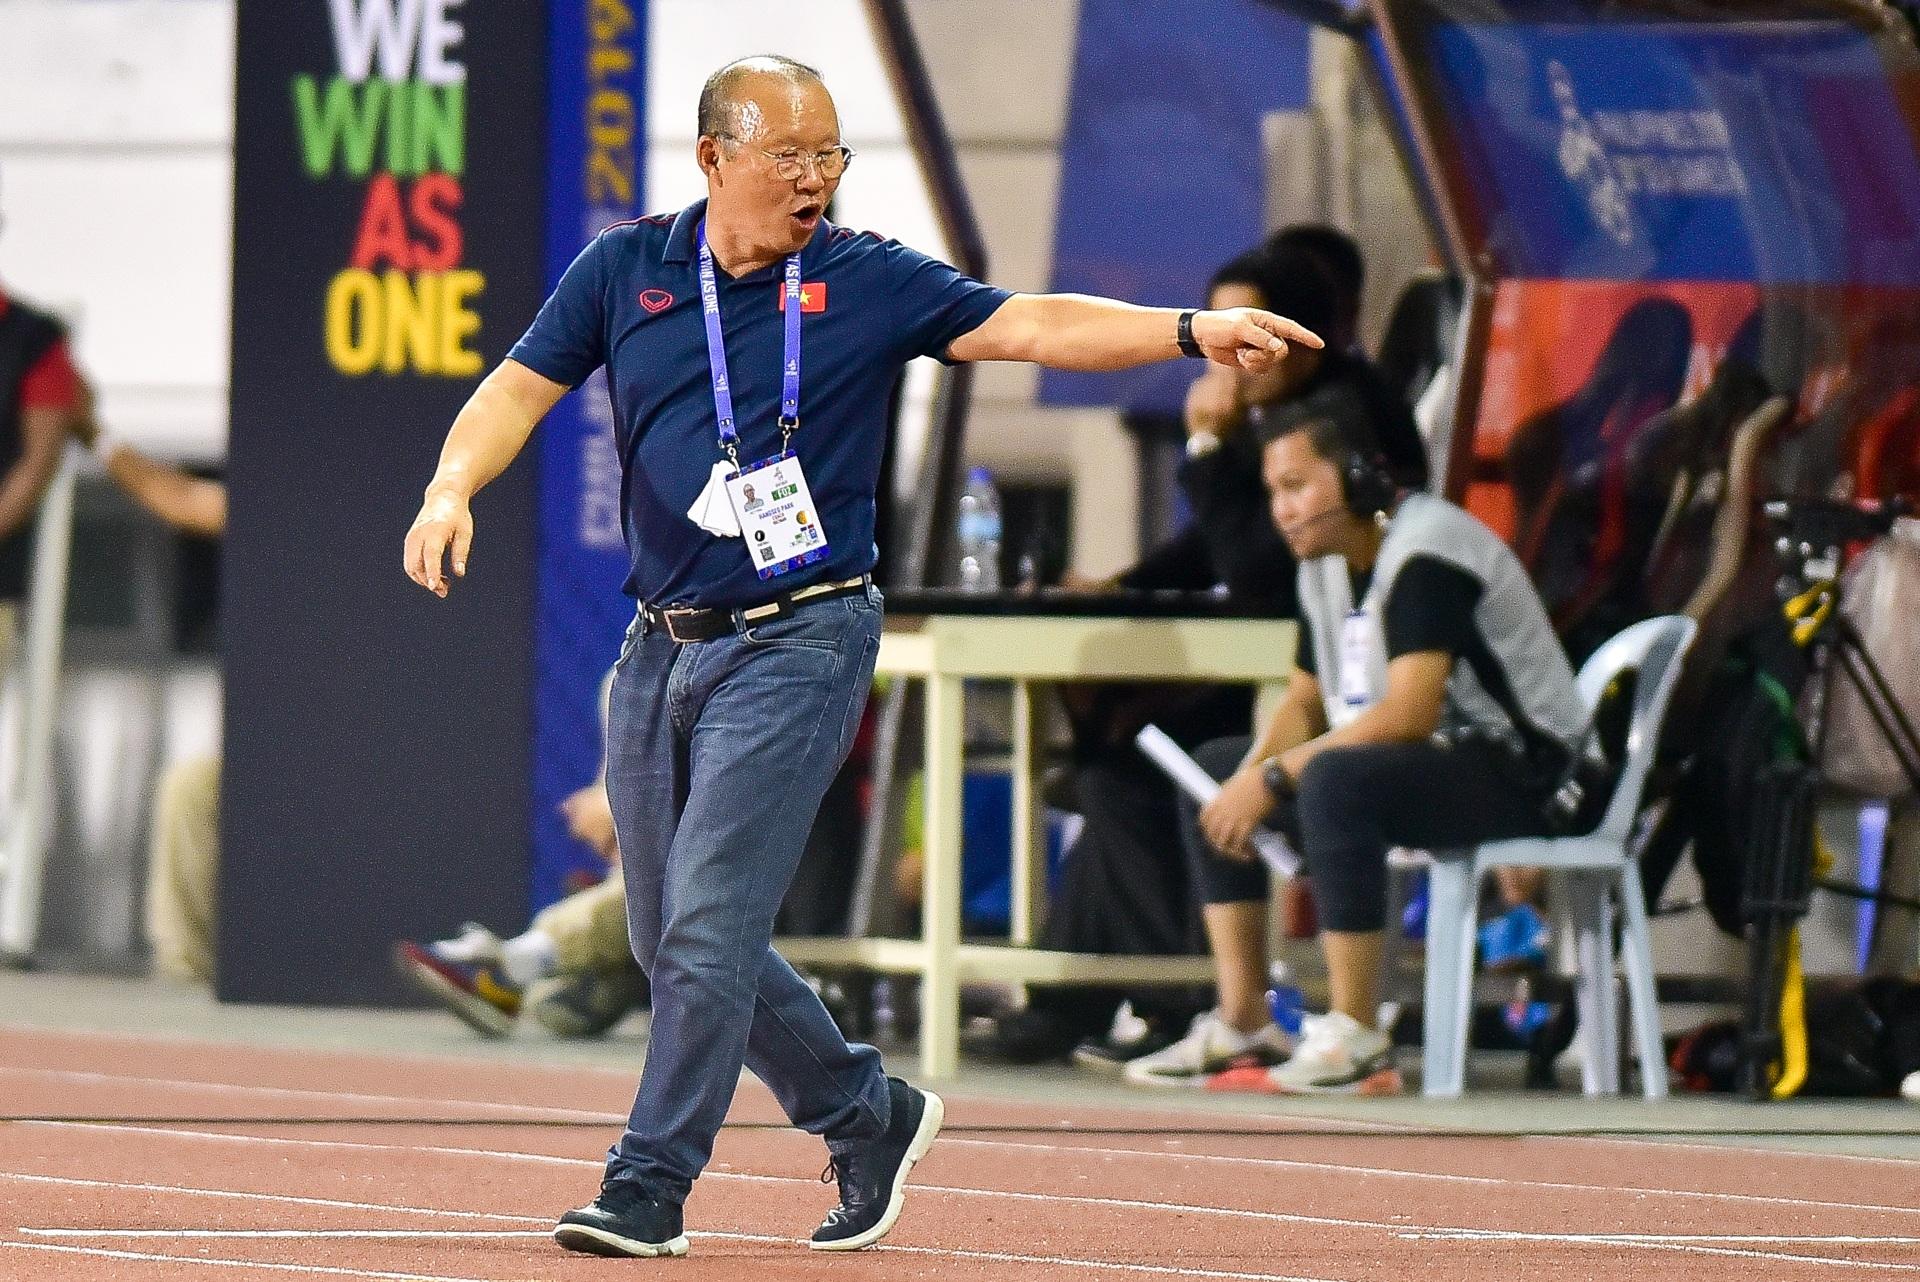 Những cảm xúc đặc biệt của HLV Park Hang Seo trong trận thắng U22 Campuchia - 5